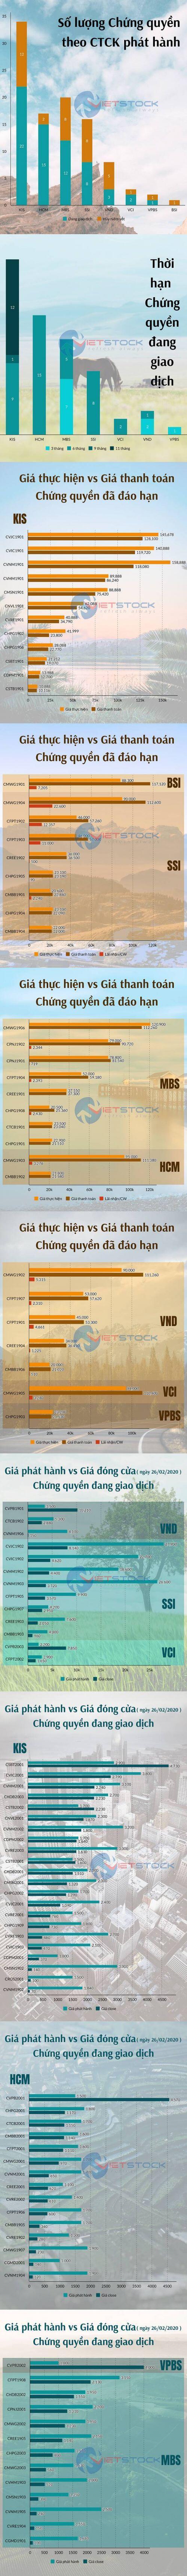 """Chứng quyền có bảo đảm của Việt Nam đang """"chạy"""" như thế nào?"""